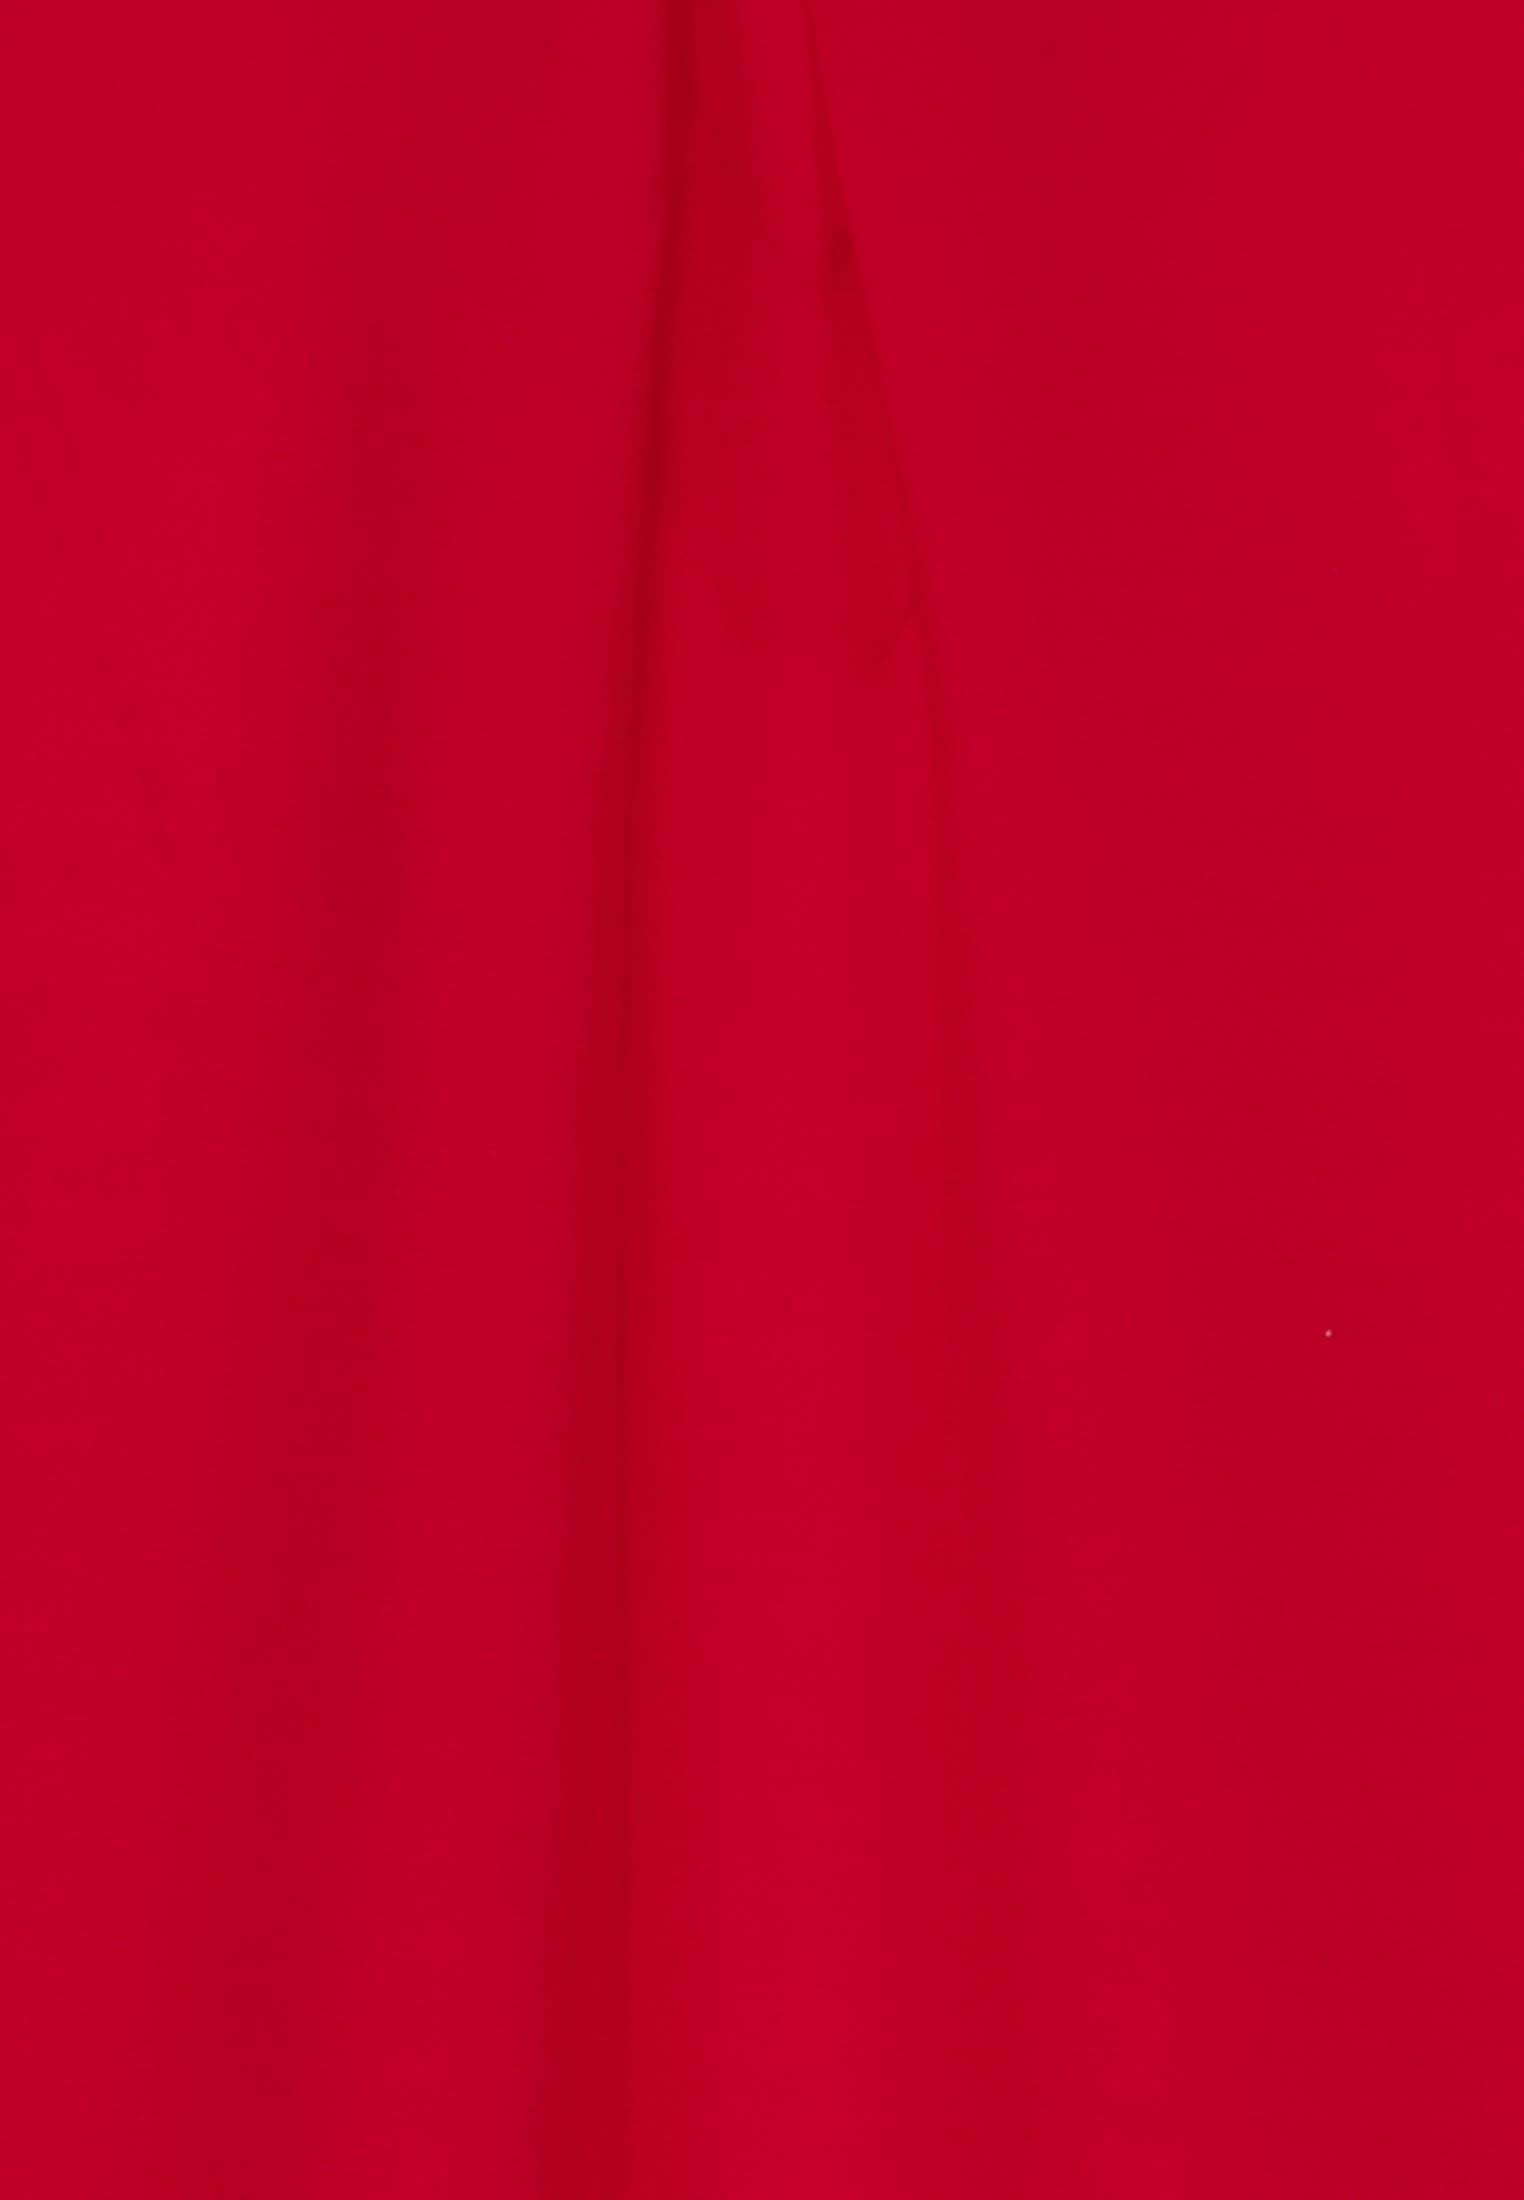 Voile Schlupfbluse aus 100% Viskose in Rot |  Seidensticker Onlineshop